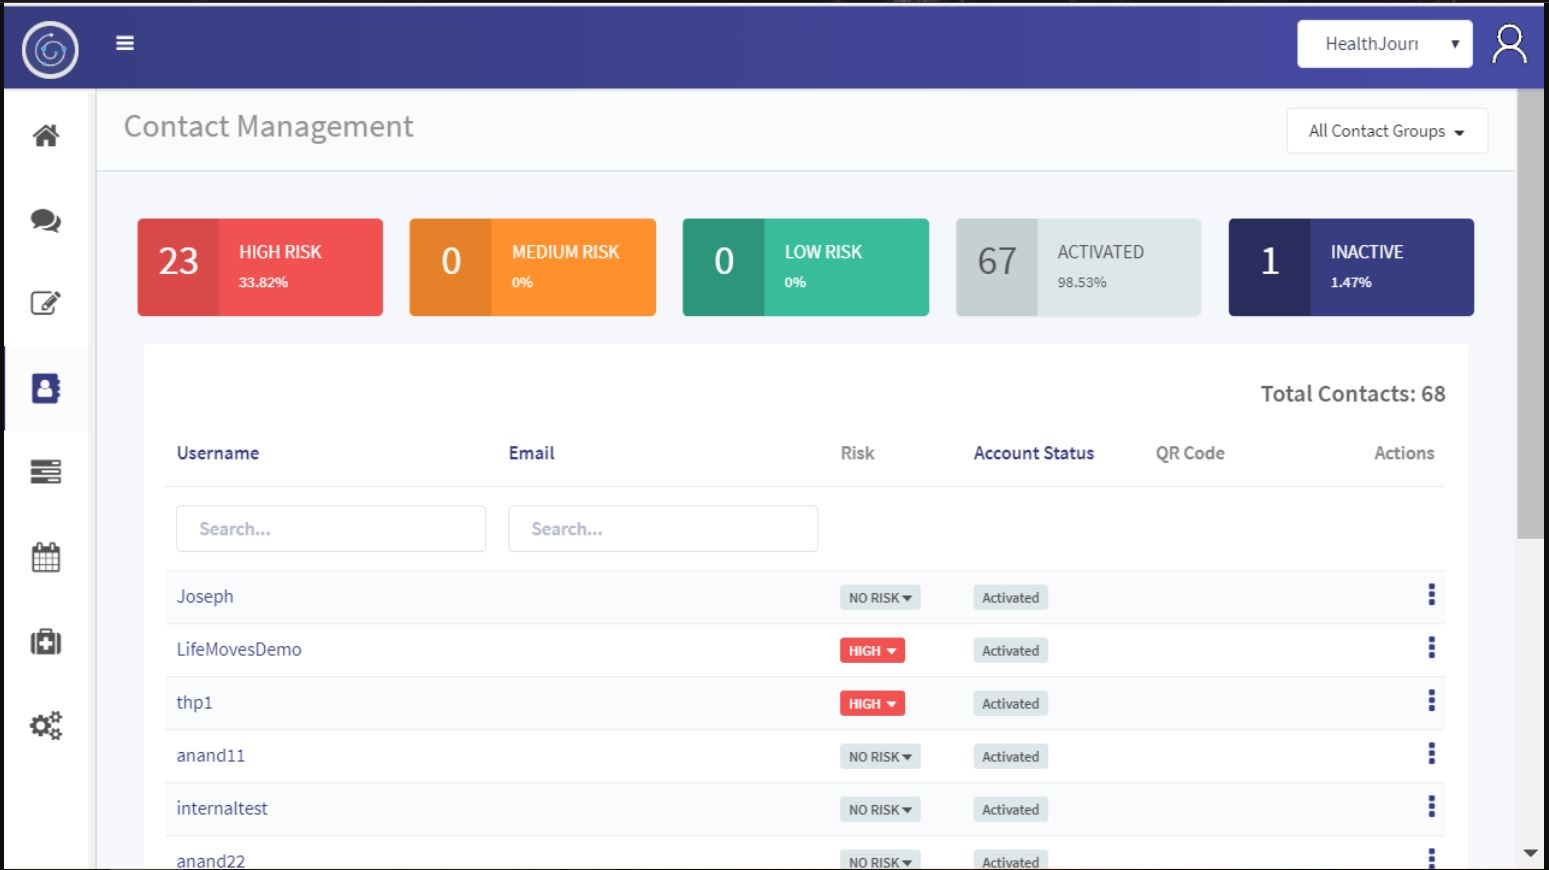 JourneyLabs contact management